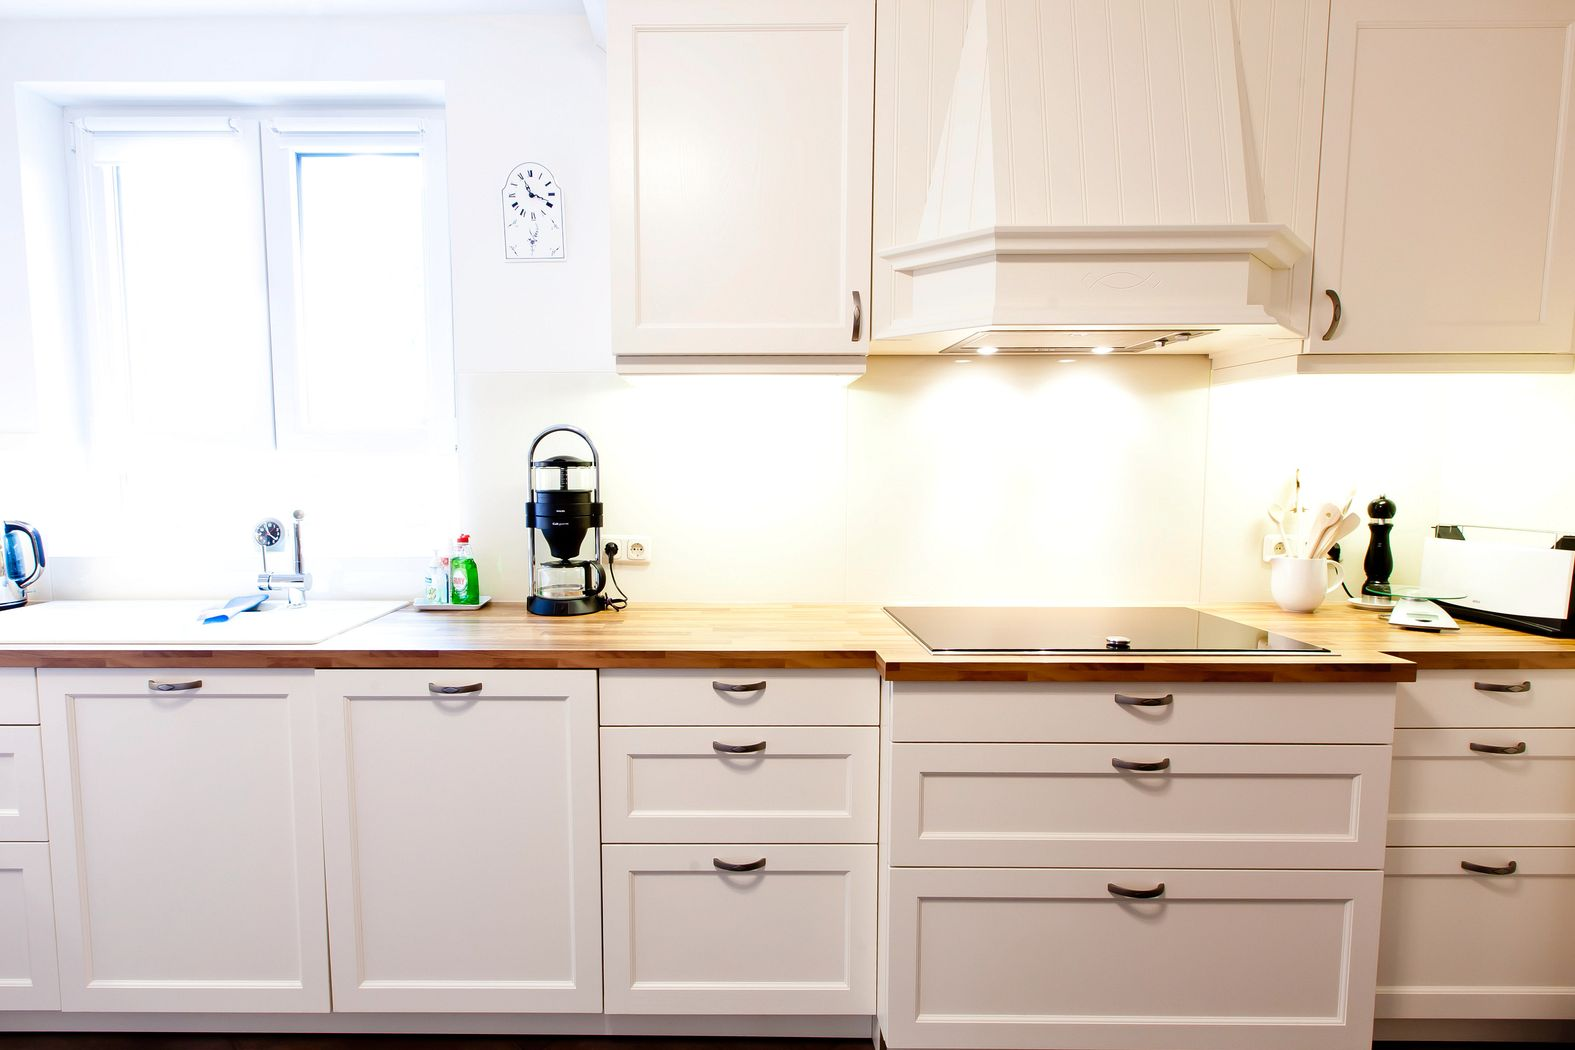 Küche Landhausstil Modern ist perfekt design für ihr haus ideen